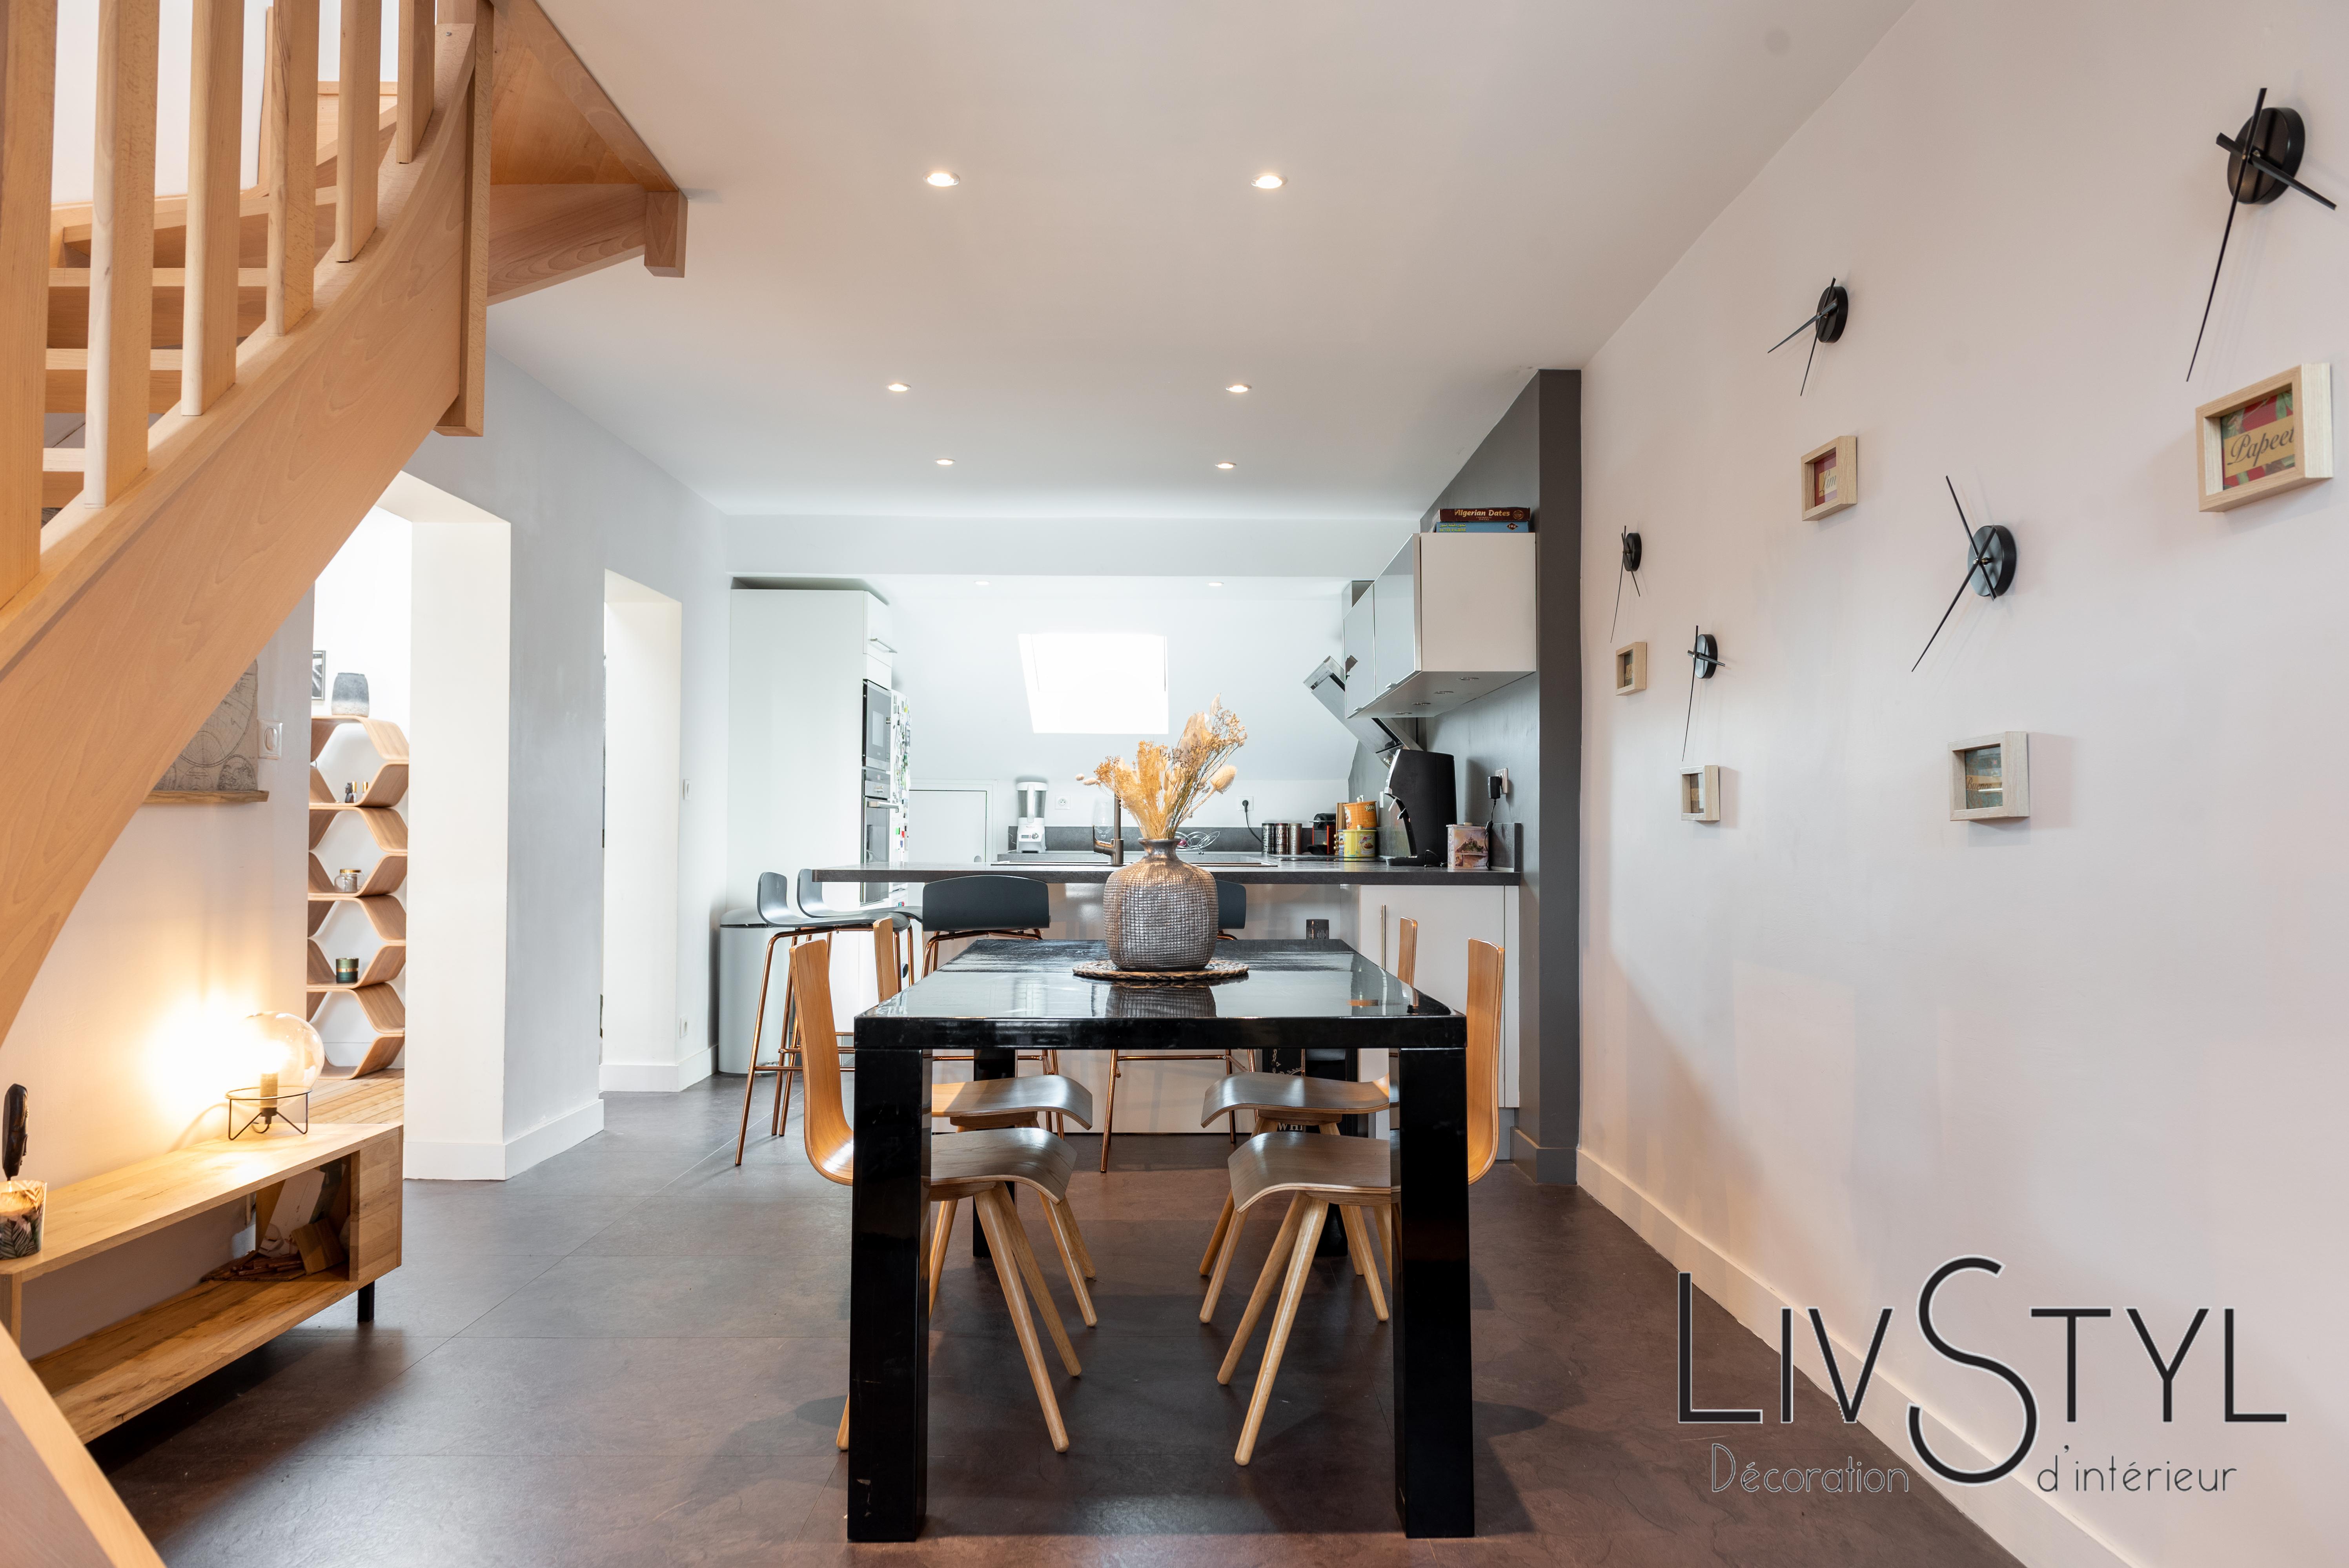 Décoration et agencement de la cuisine avec espace salle à manger